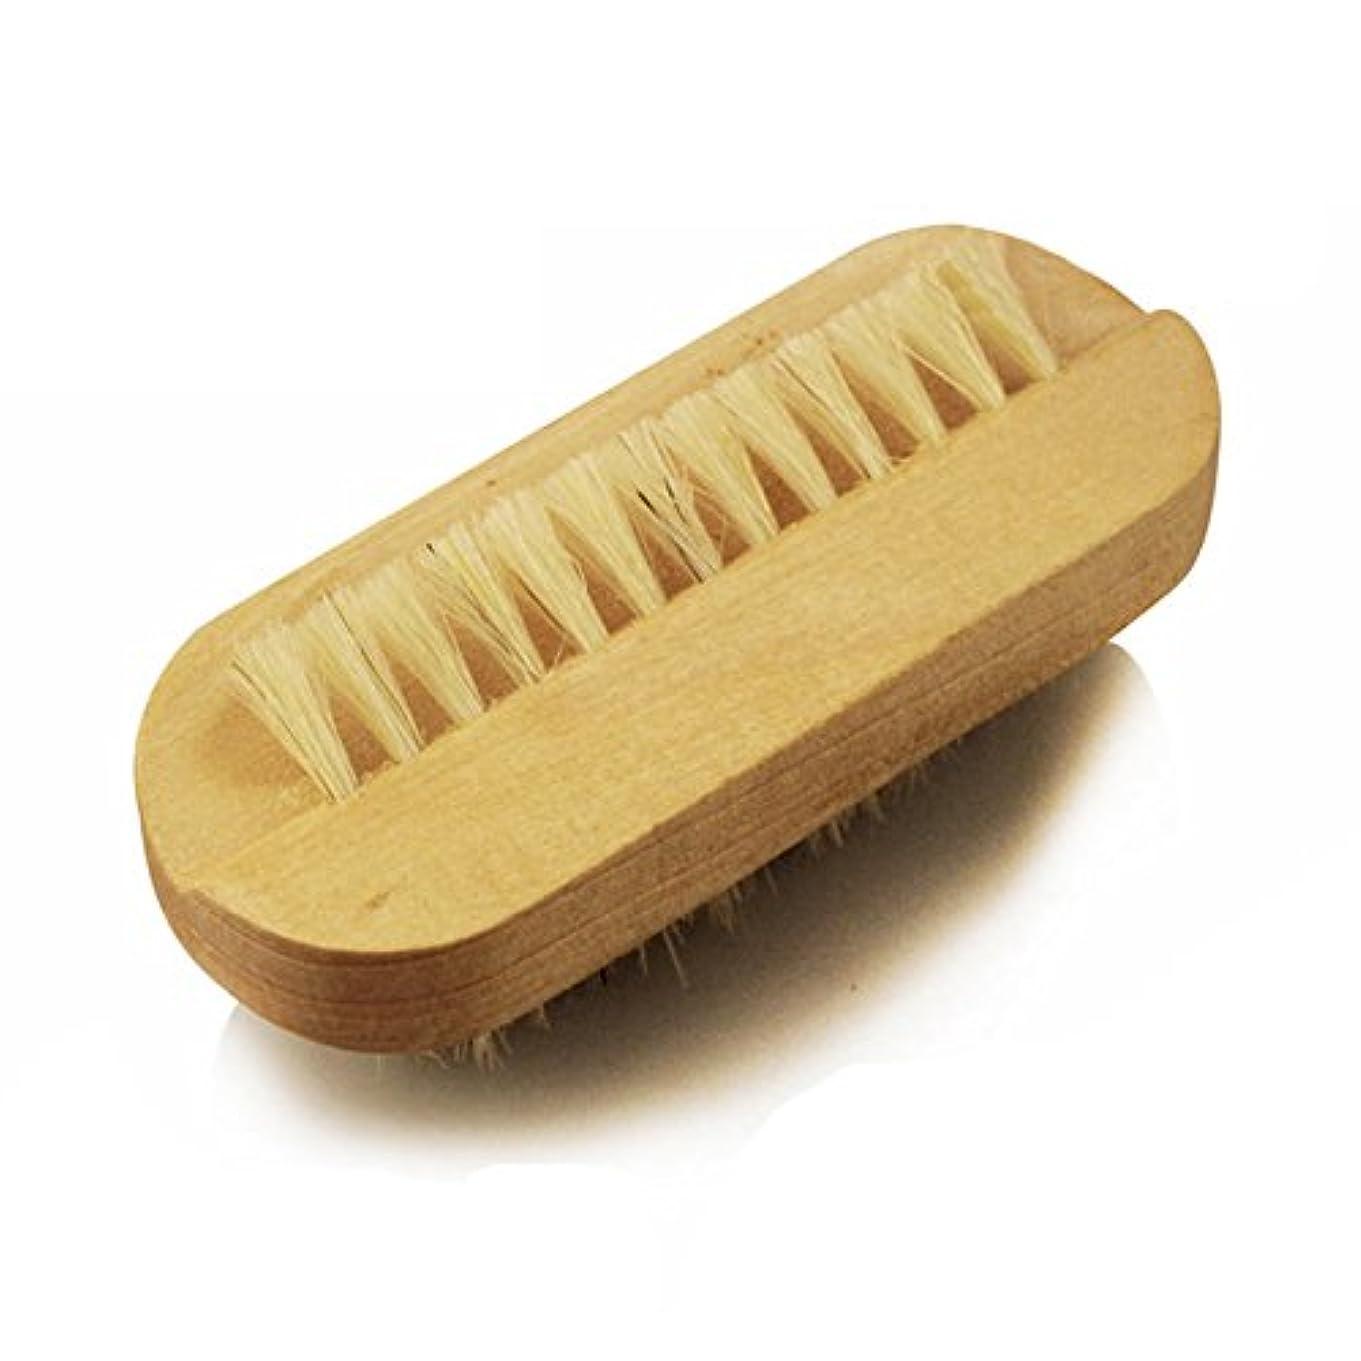 ブロック知覚する解釈するHrph ネイルブラシ 爪ブラシ 木柄 豚毛